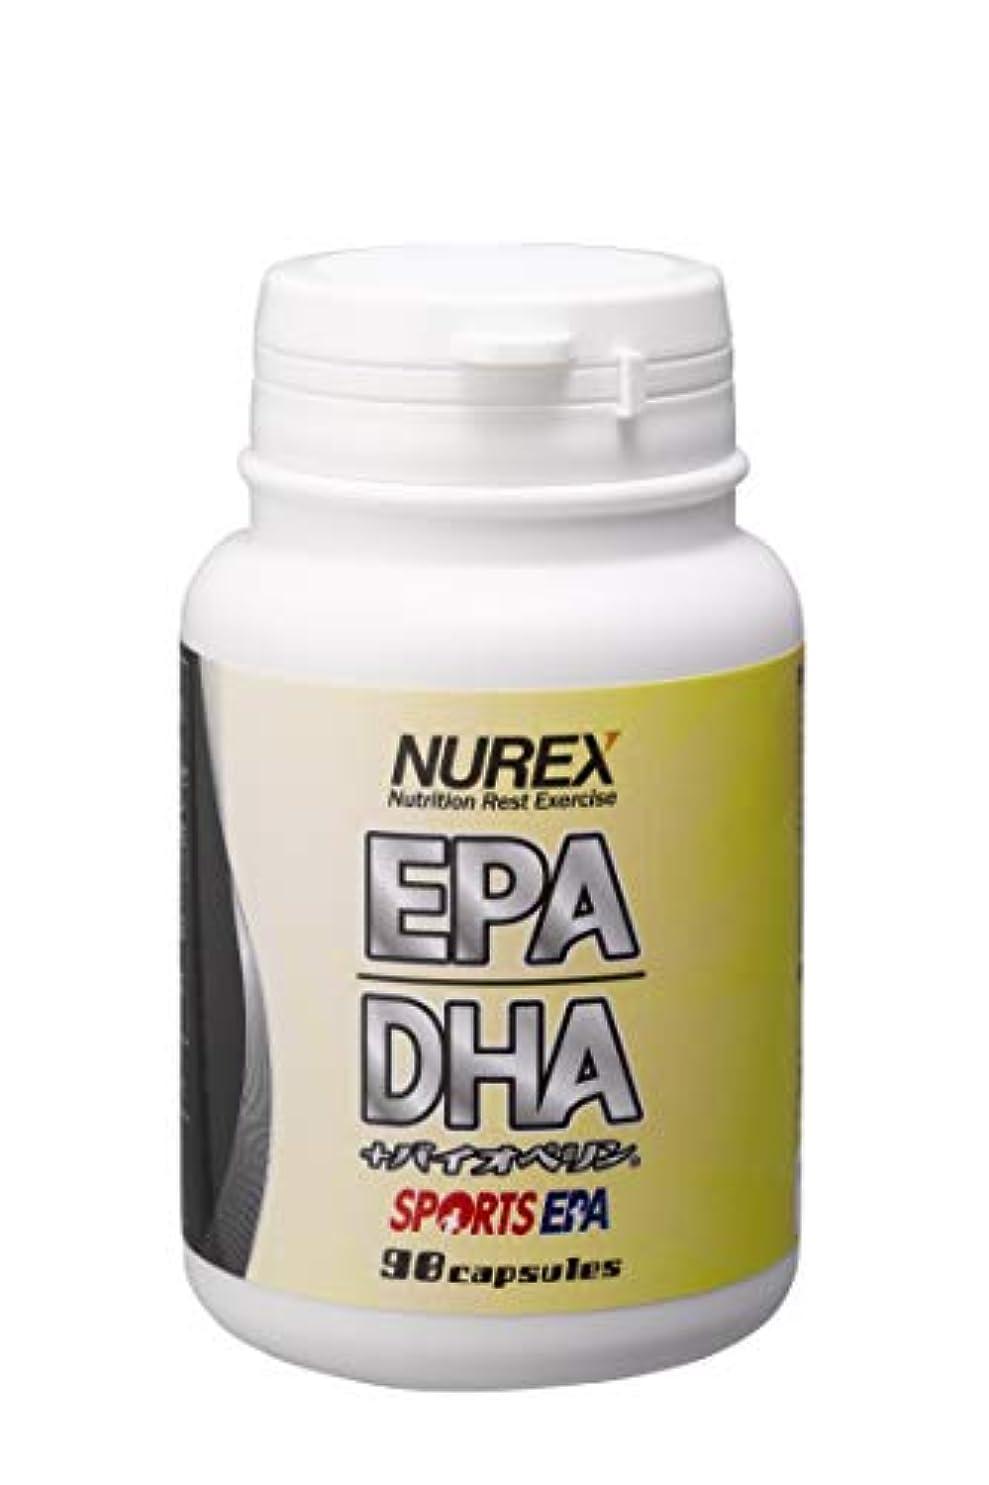 退屈な礼拝ソフトウェアEPA/DHA+バイオペリン 90粒